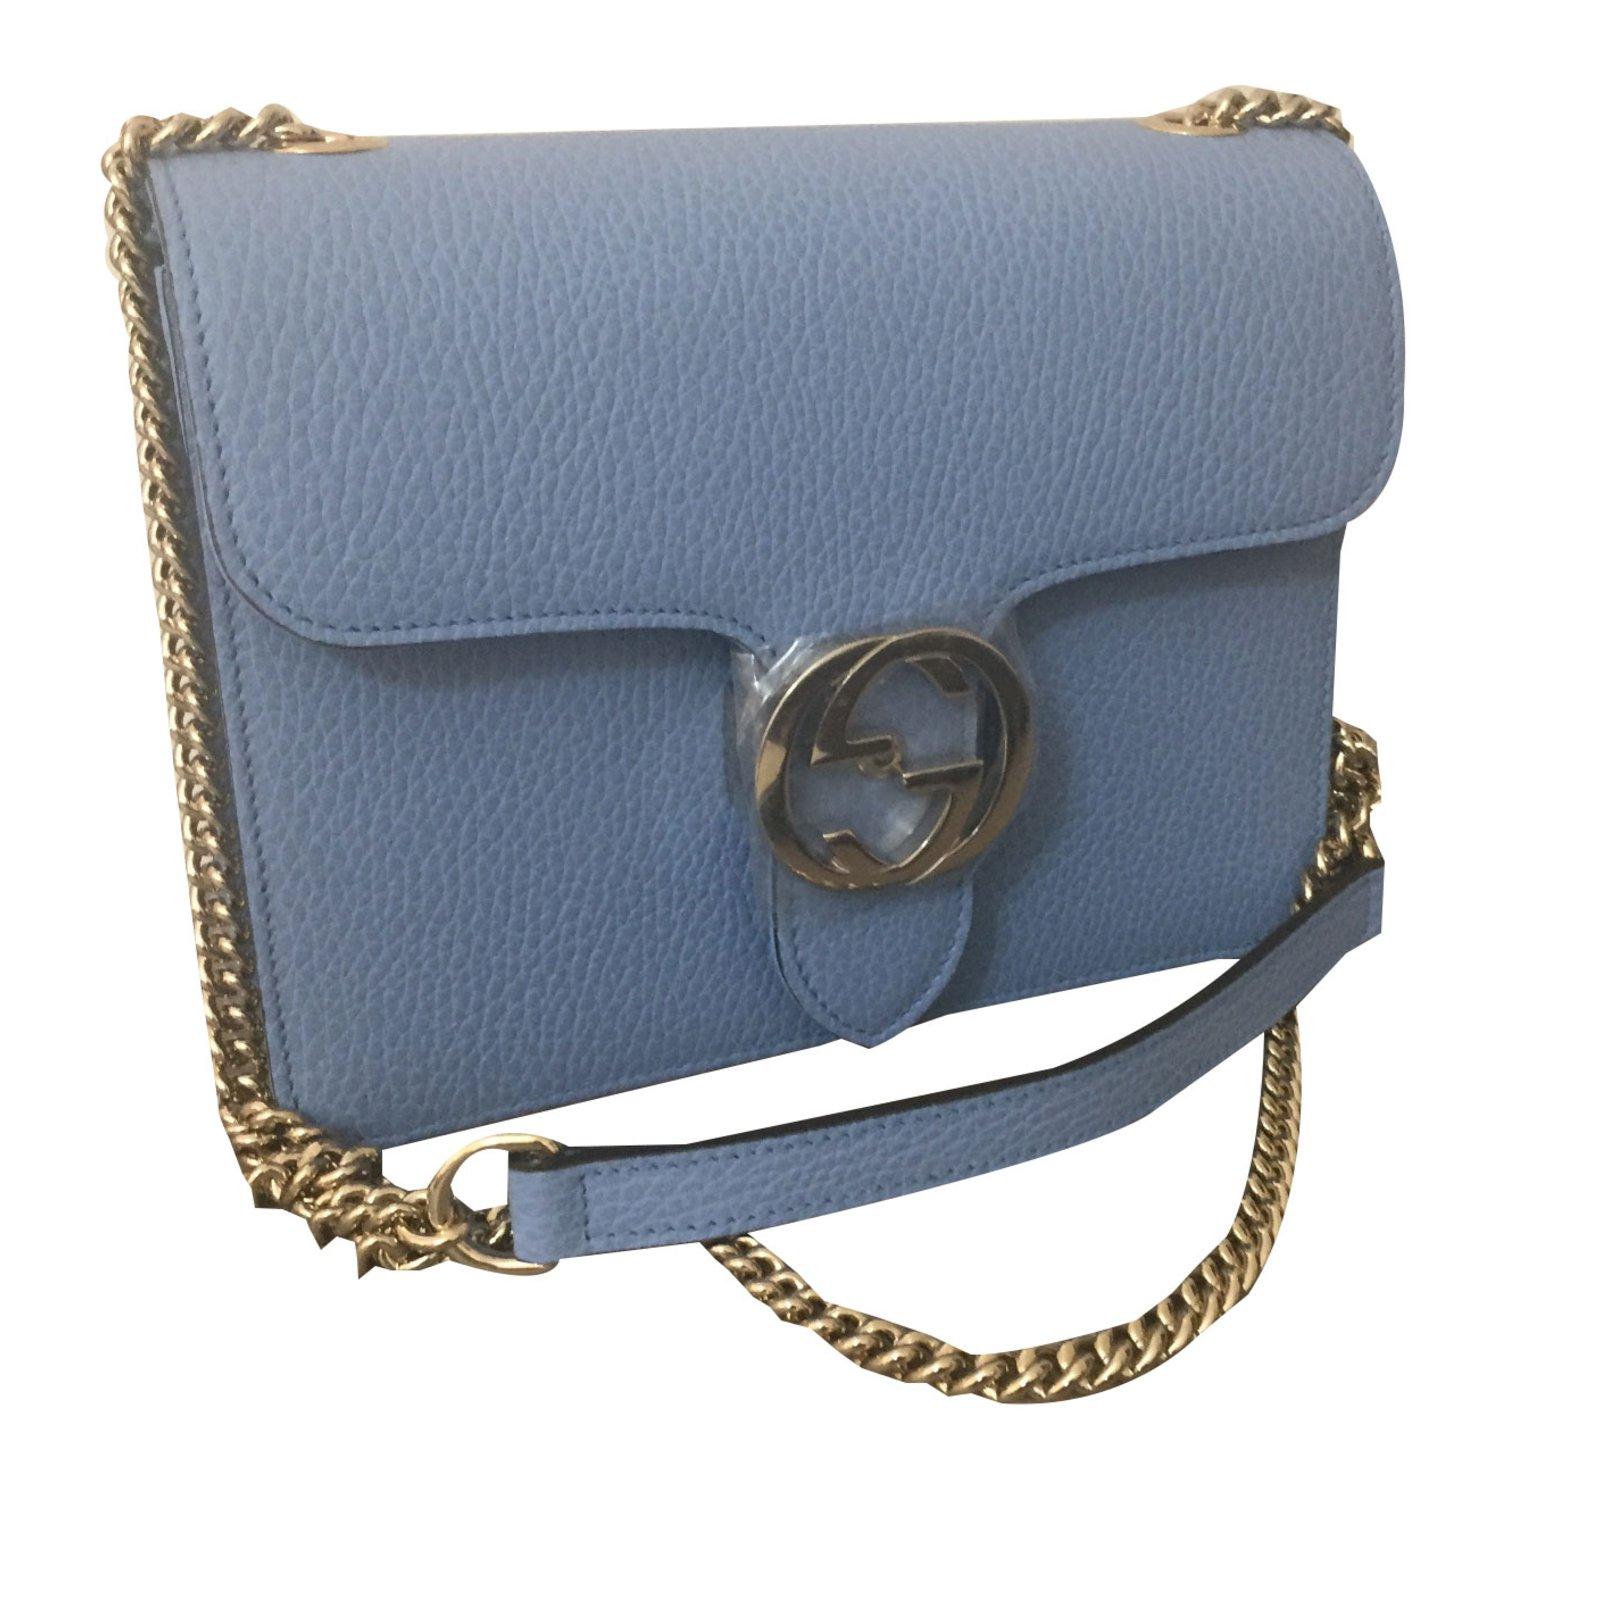 924bc83e91fa Gucci interlocking Clutch bags Leather Other ref.75029 - Joli Closet